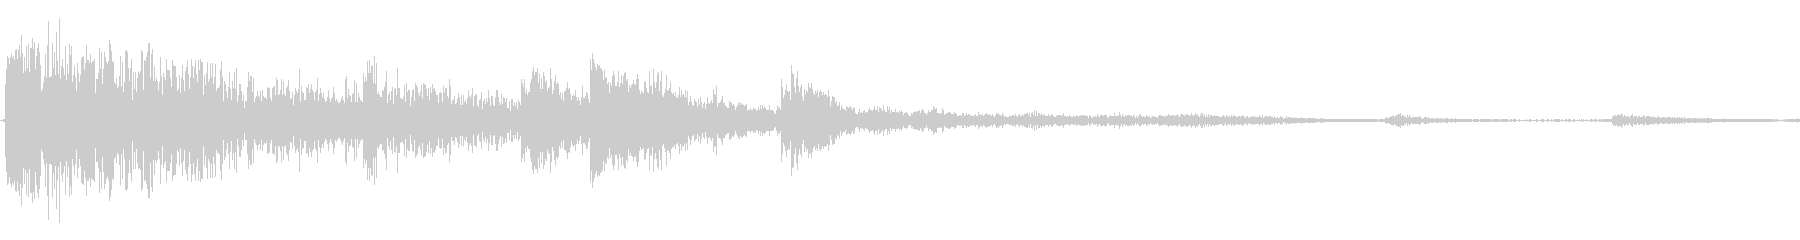 デブリとジープクラッシュの未再生の波形